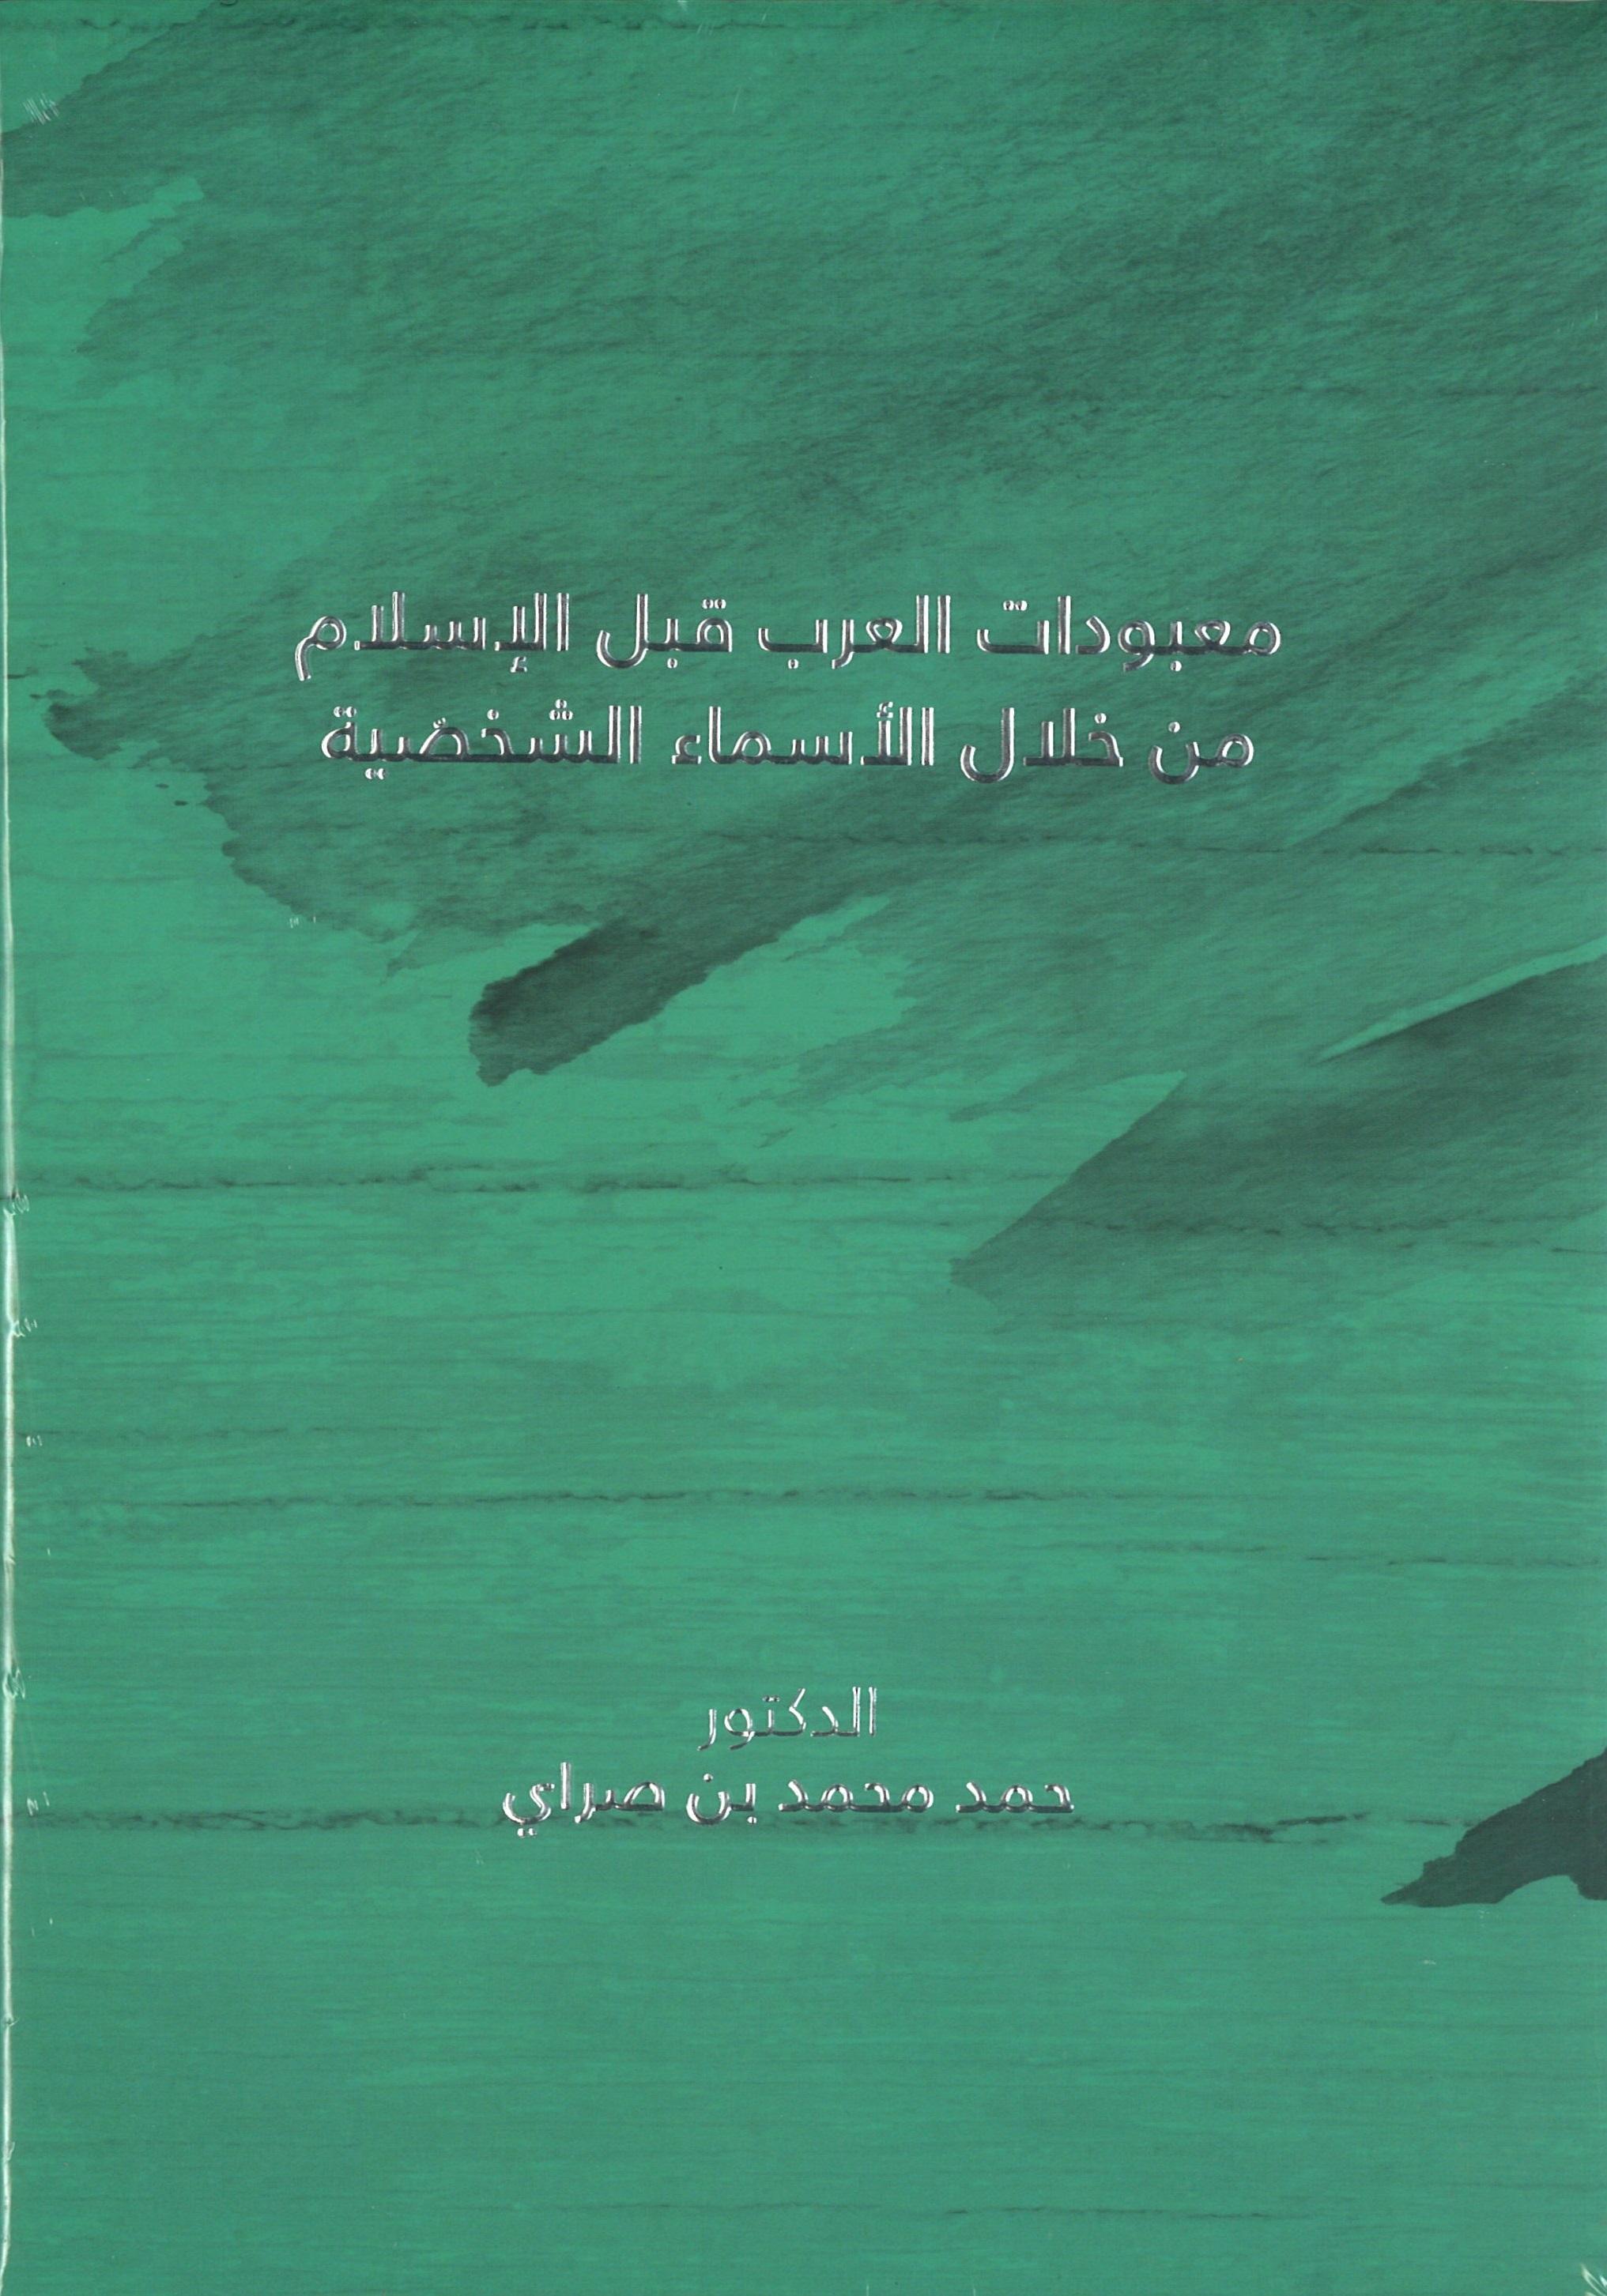 معبودات العرب قبل الإسلام من خلال الأسماء الشخصية